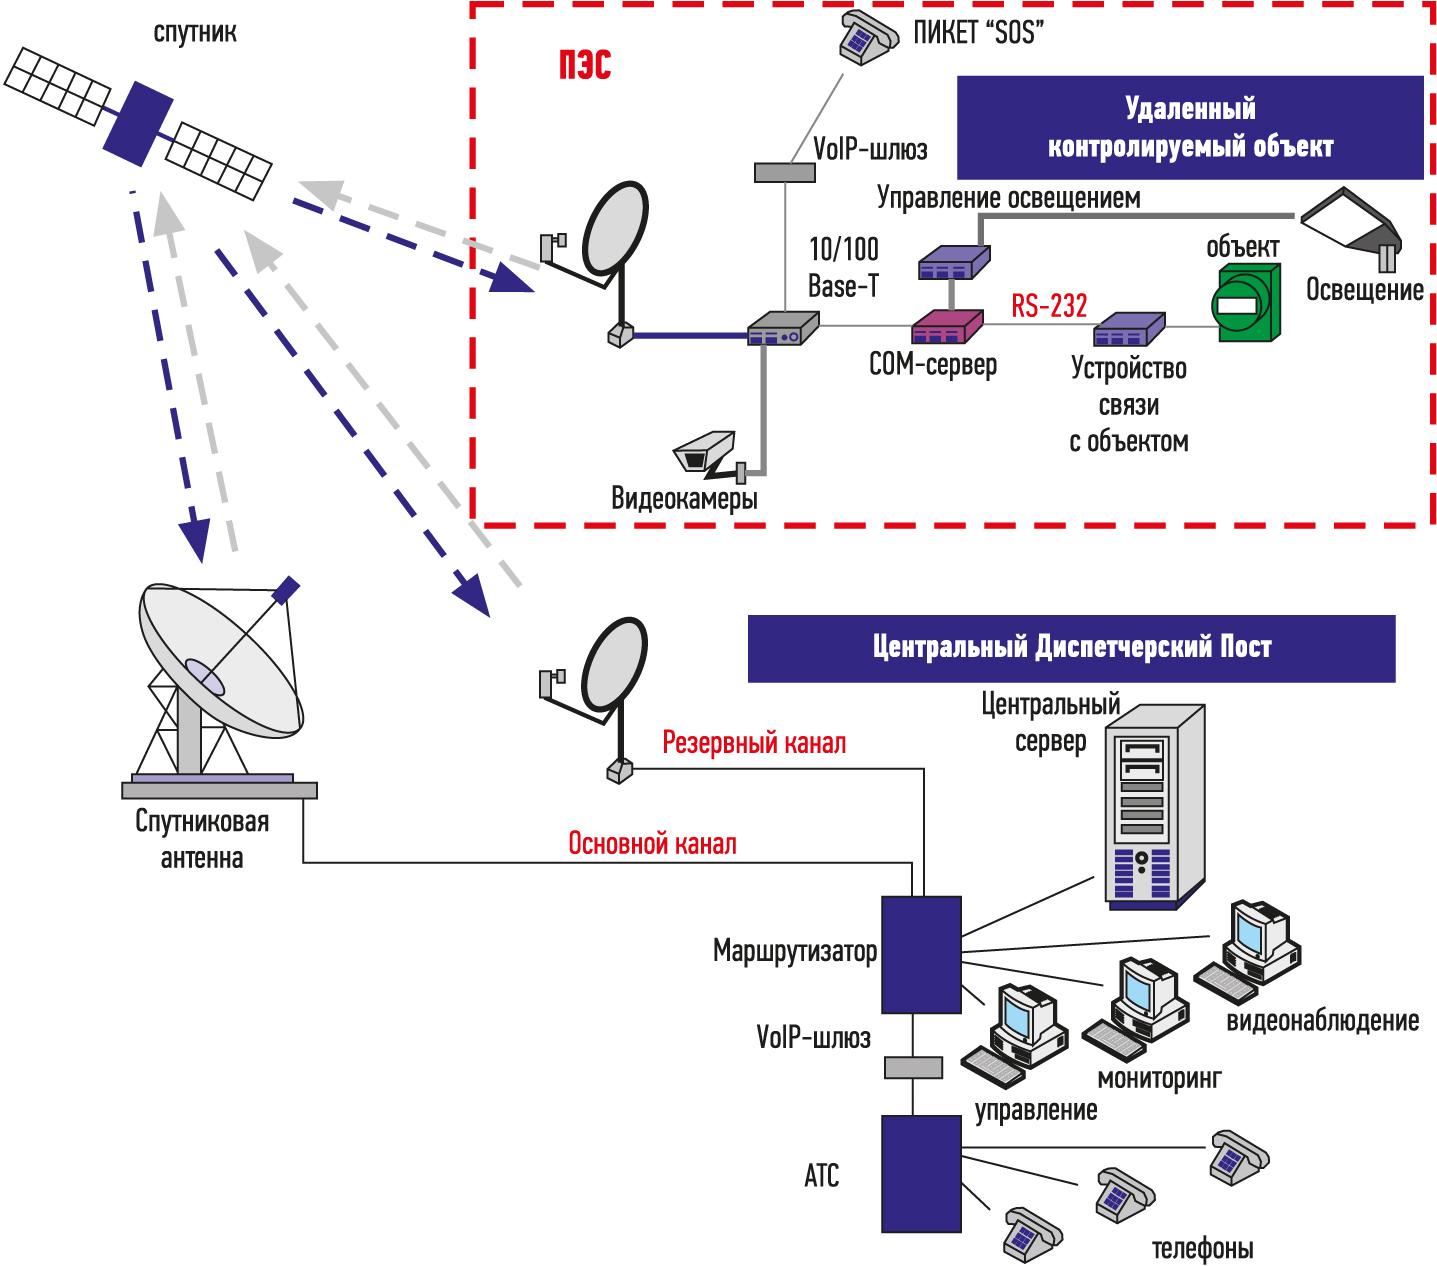 Система передачи данных пикета экстренной связи